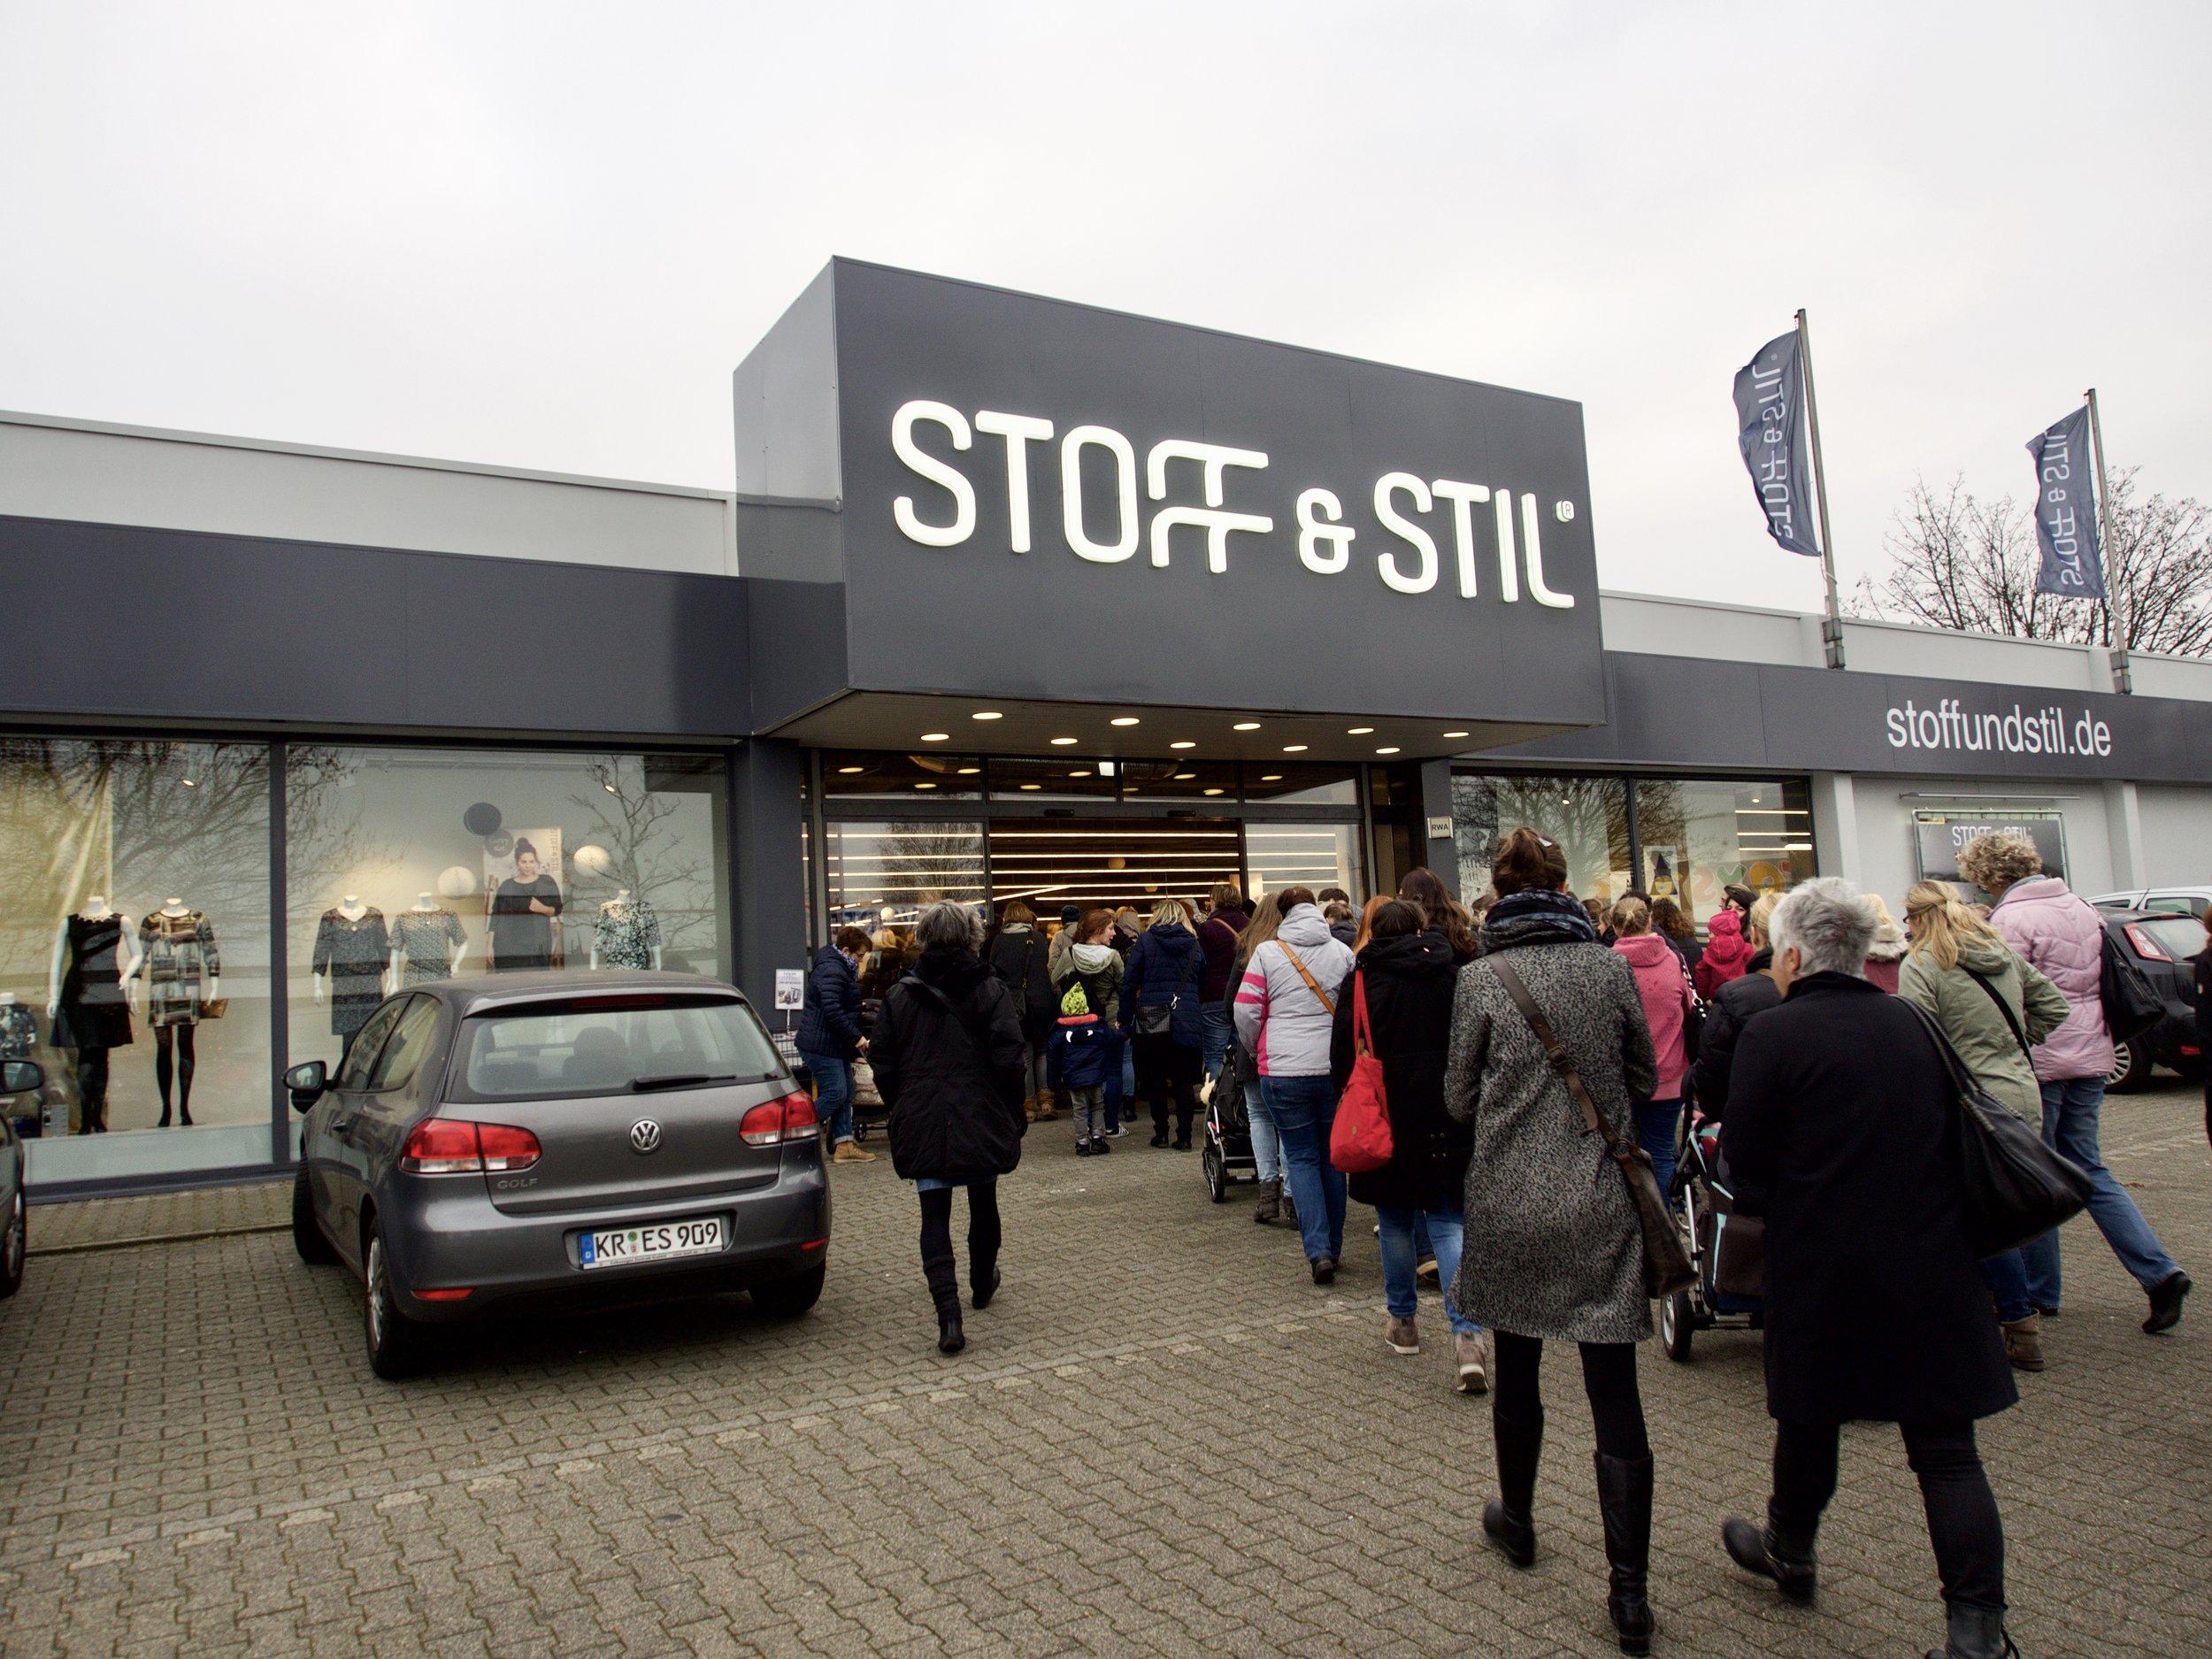 Stoff und Stil Eröffnung Dortmund